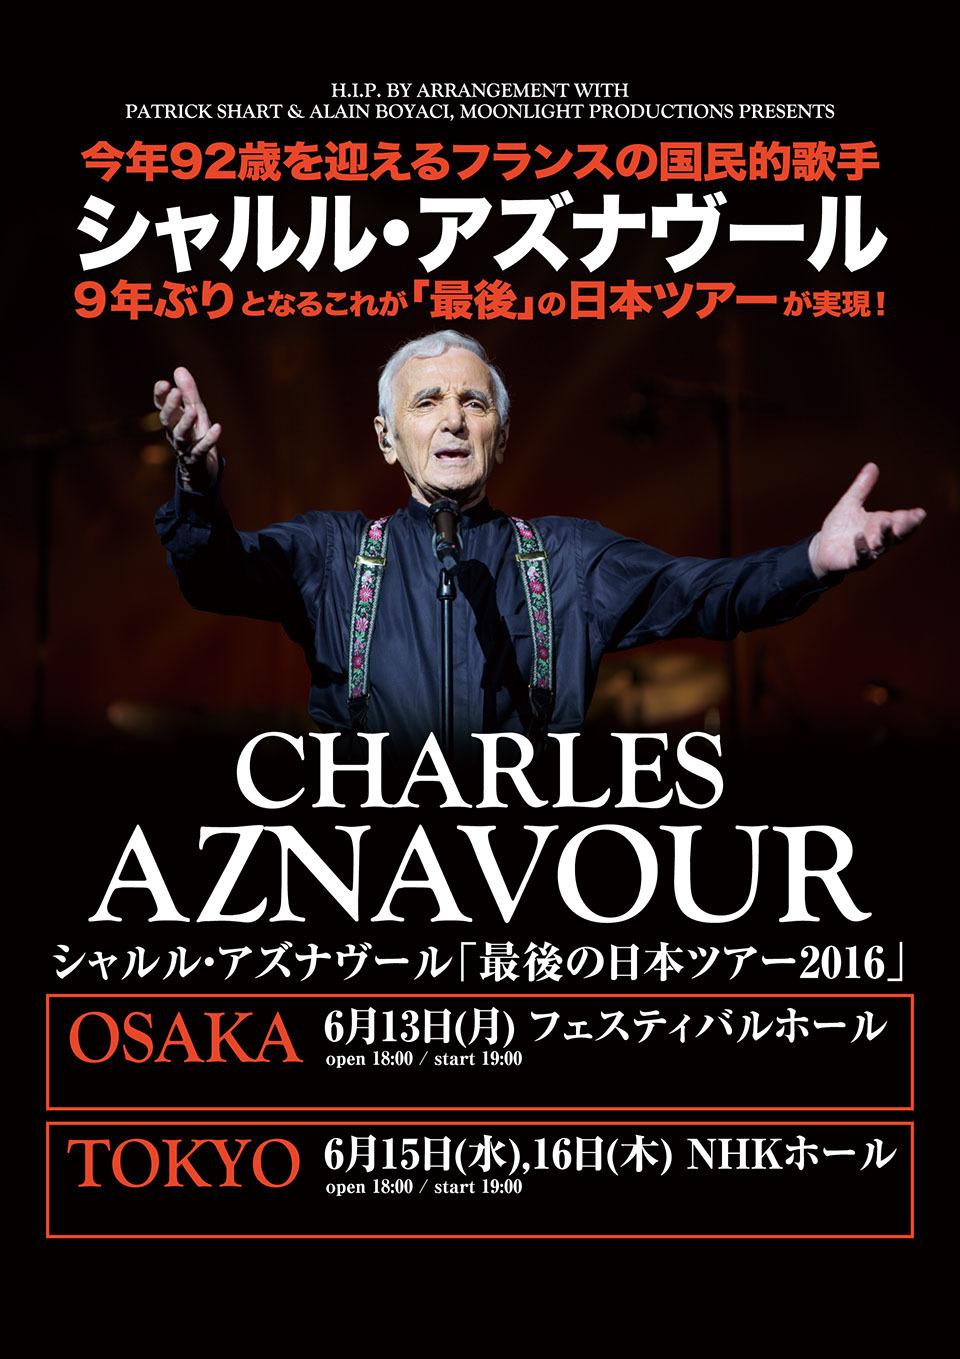 シャルル・アズナヴール(Charles Aznavour)